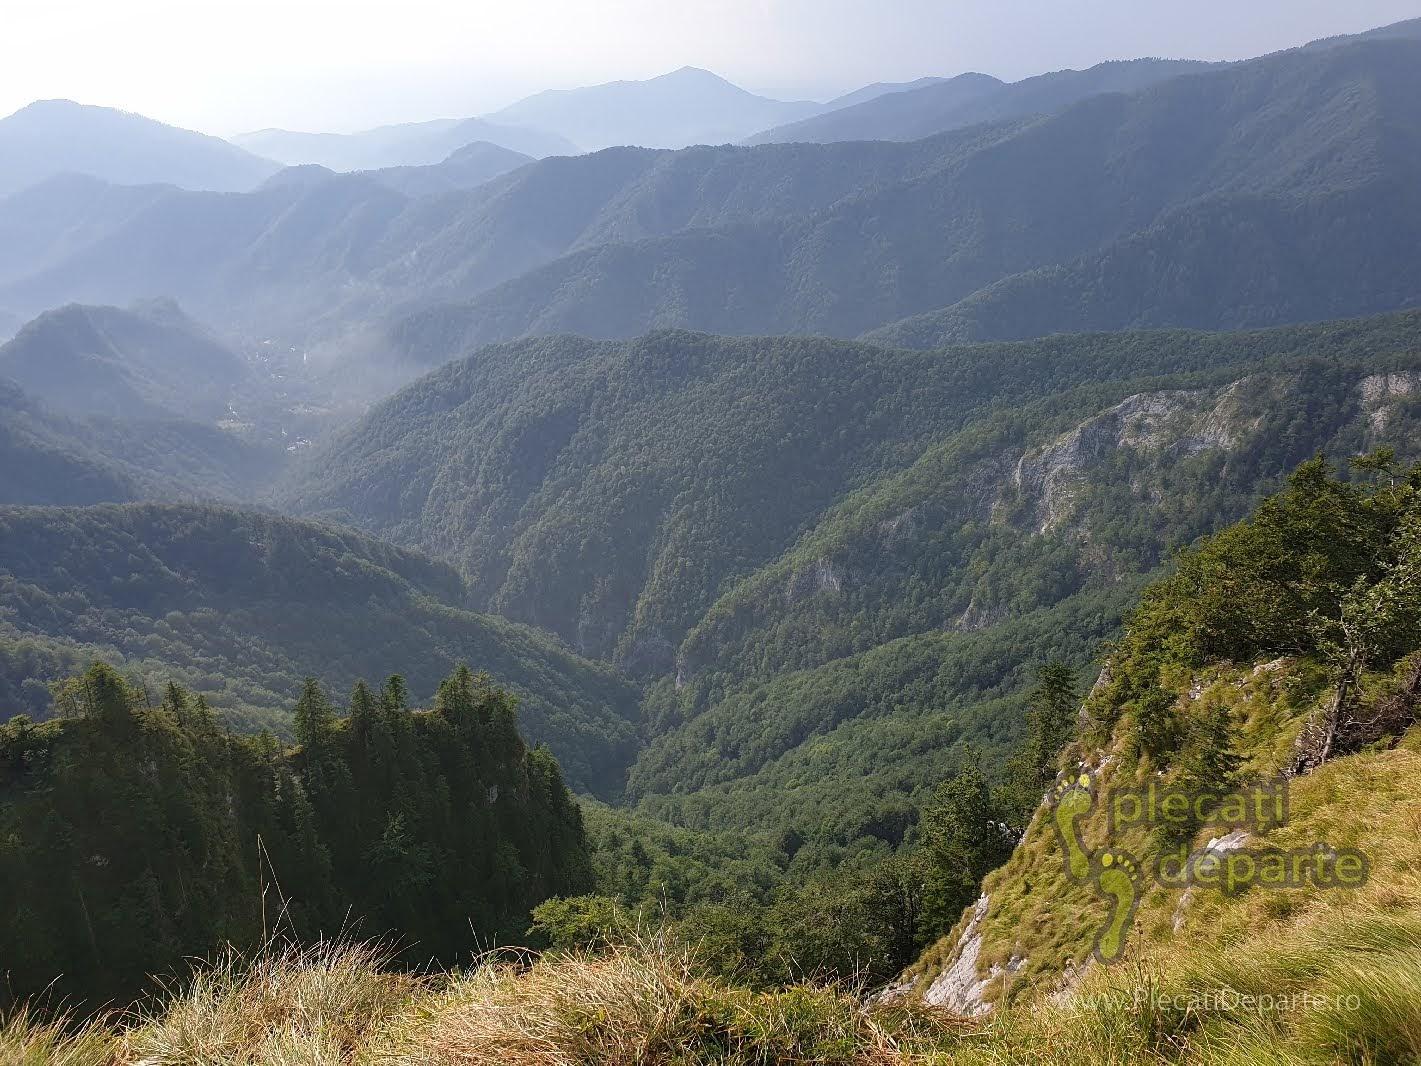 Amfiteatrul Boghii, vedere de la Pietrele Boghii, trasee padis apuseni, parcul natural apuseni obiective turitice,